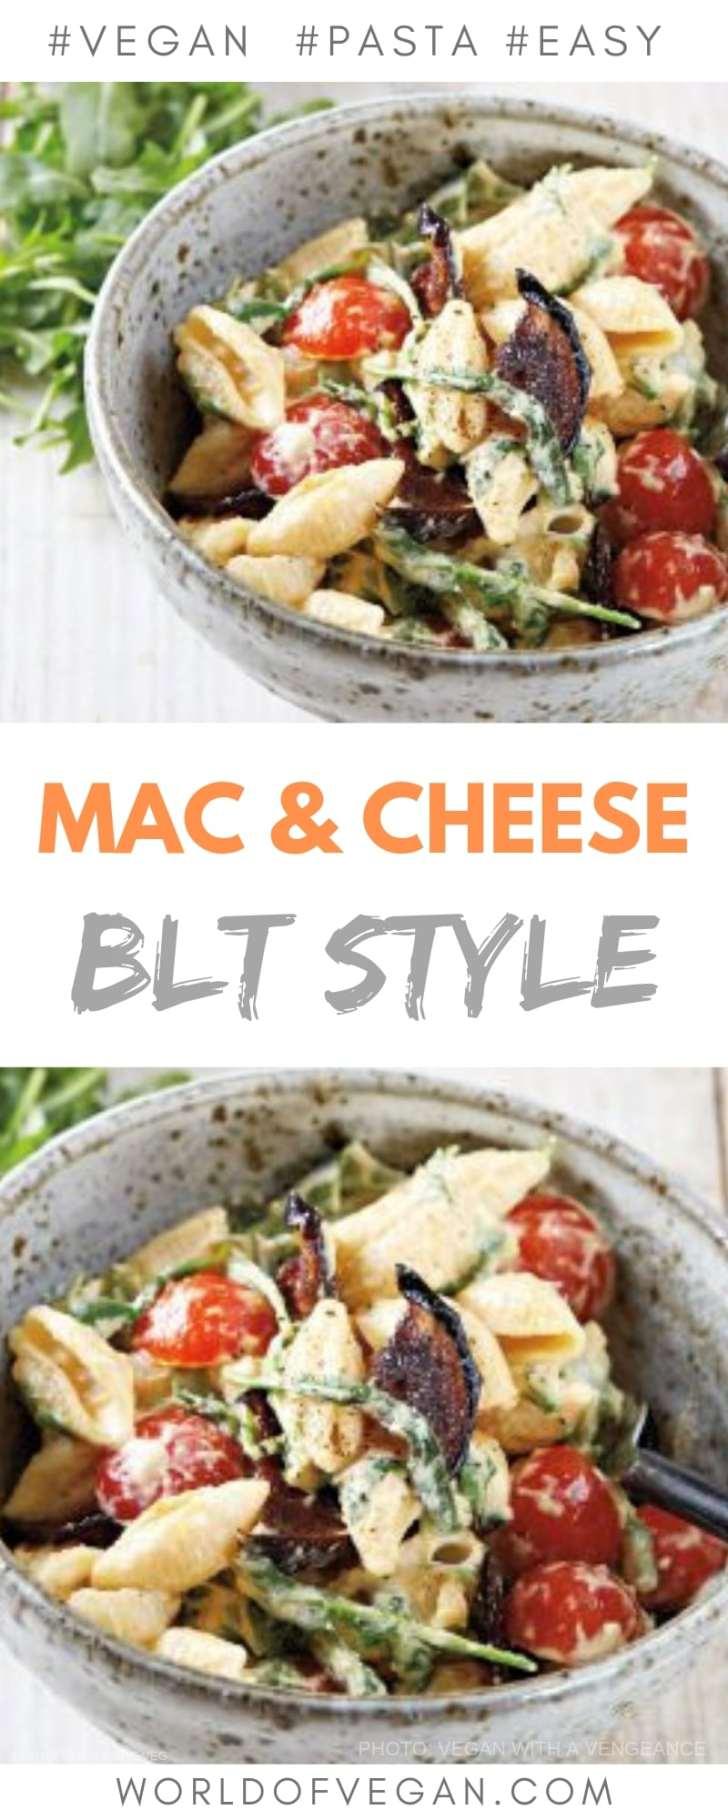 Vegan Mac and Cheese BLT Style | World of Vegan | #macandcheese #vegan #pasta #easy #dinner #recipe #worldofvegan